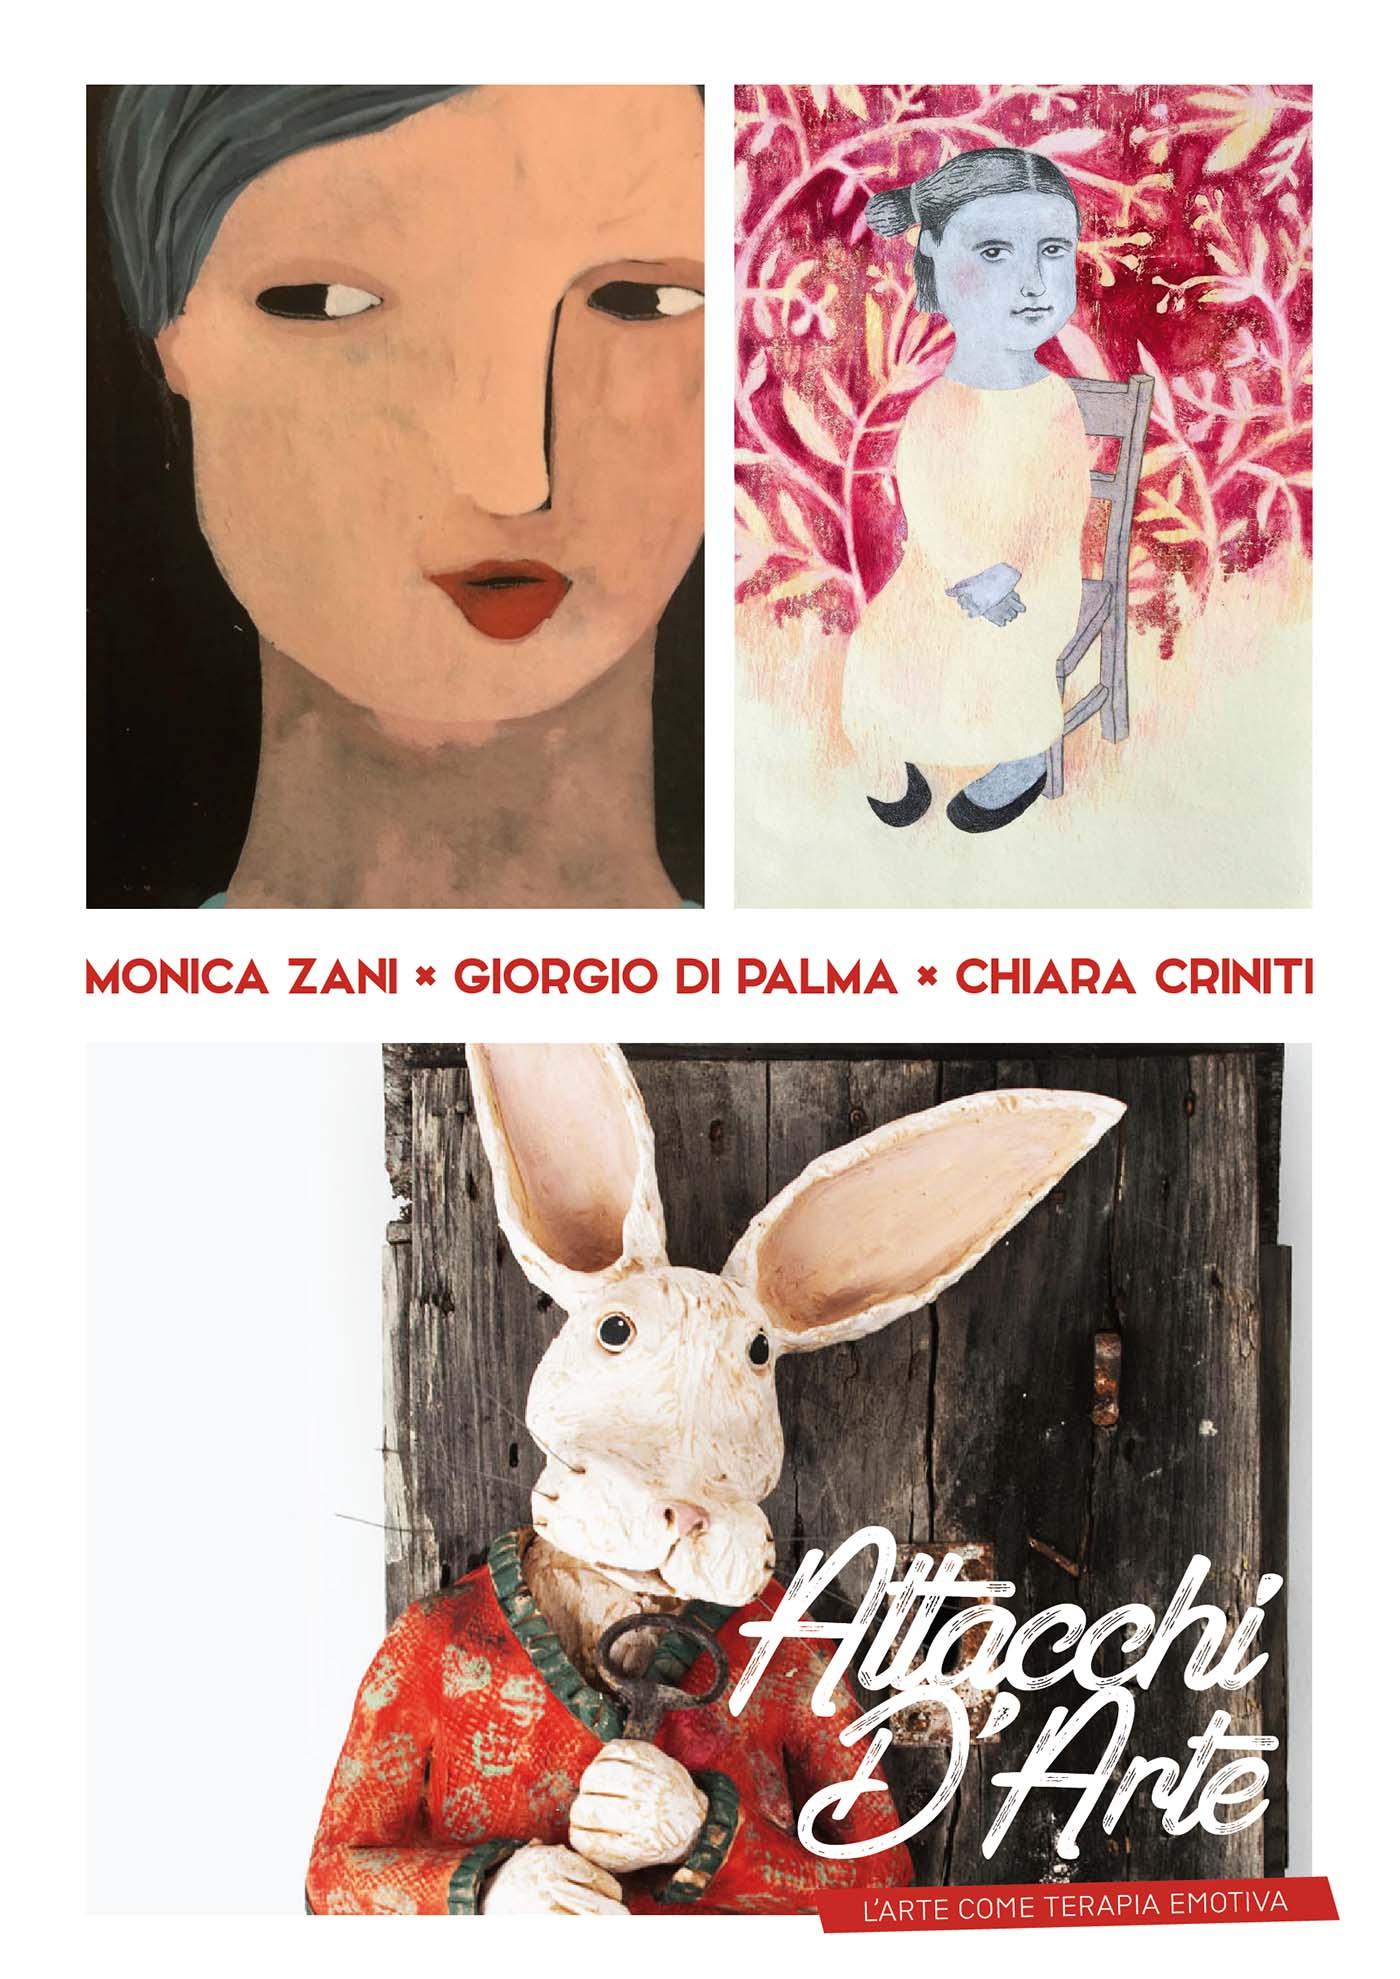 Attacchi D'Arte 2018